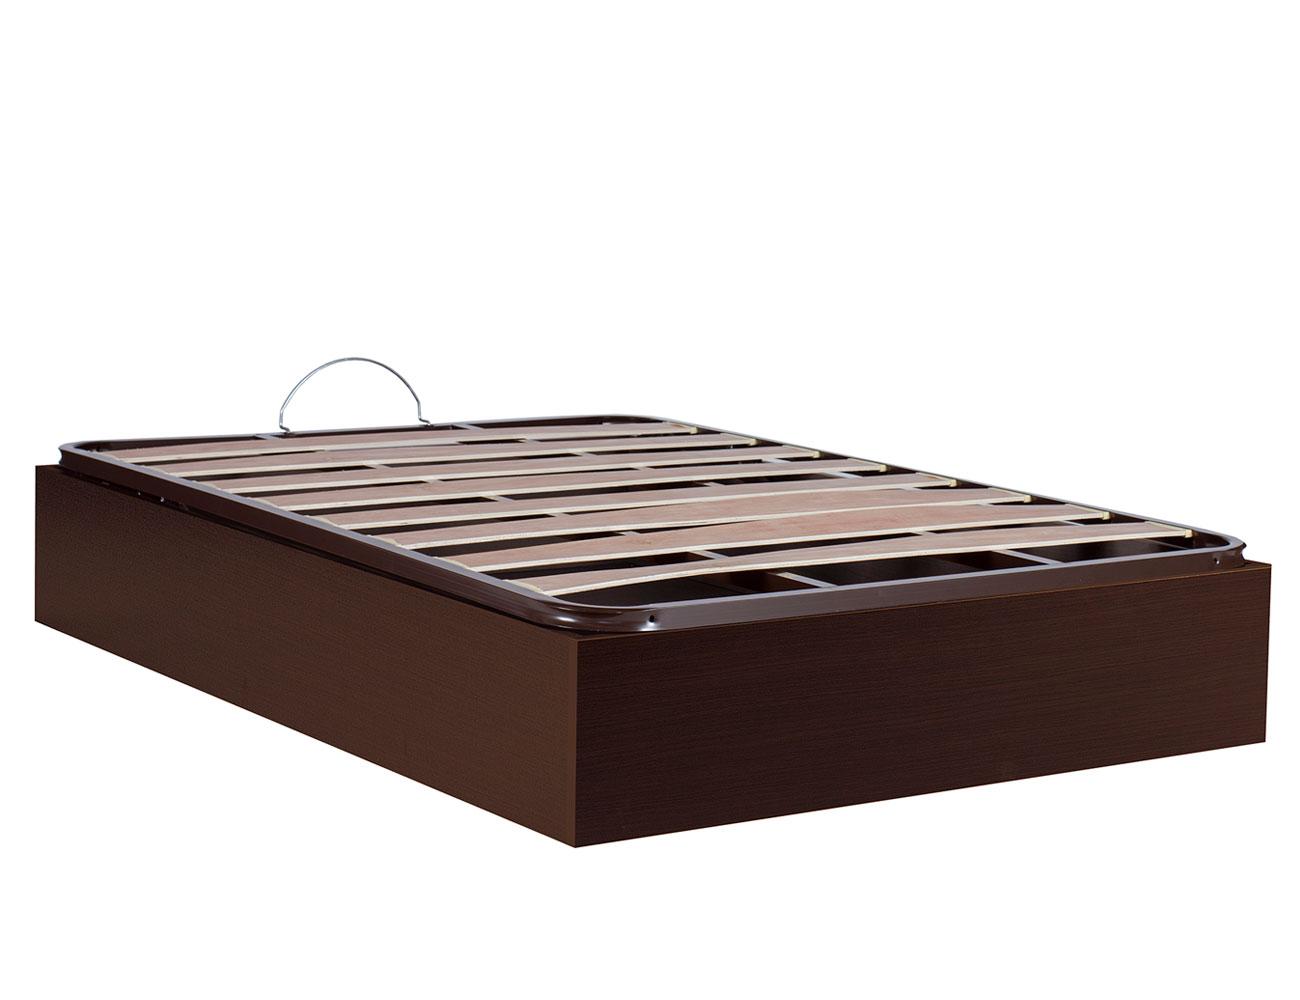 Canape madera somier basic wengue cerrado